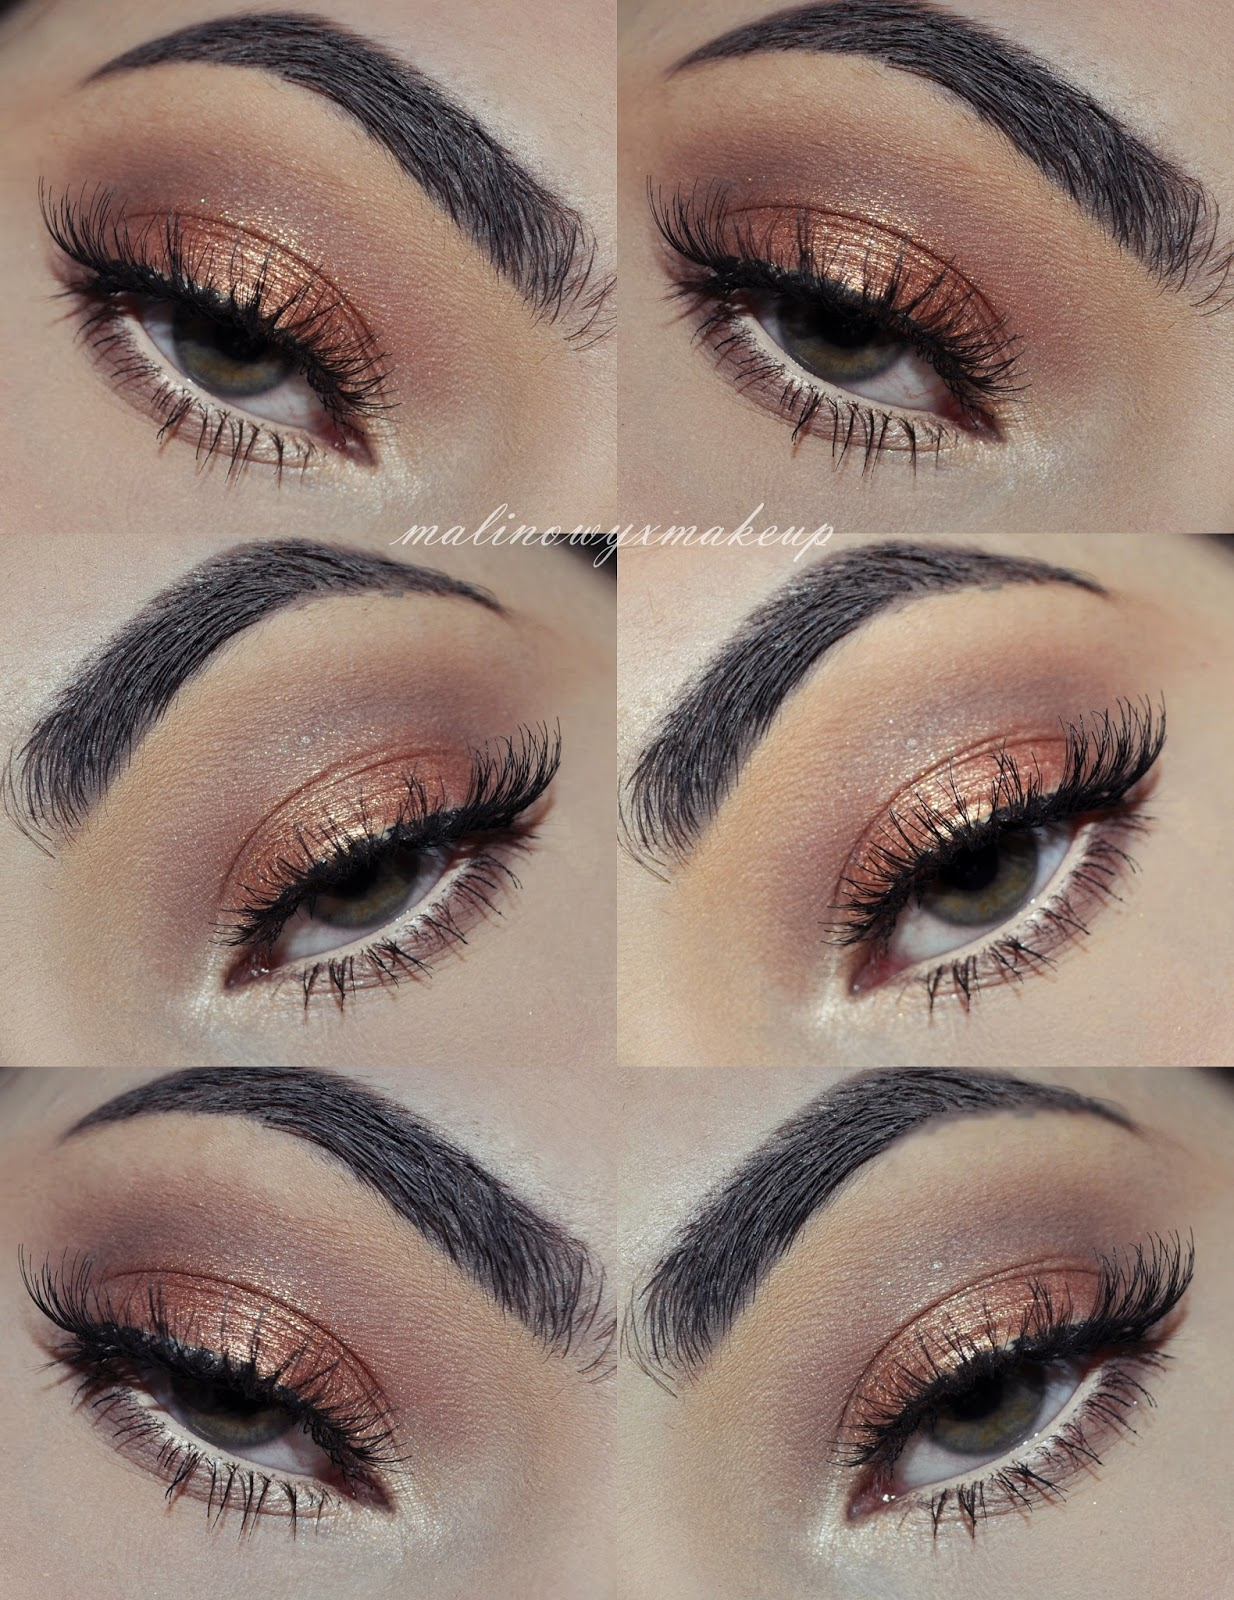 makijaż oka iconic 2 makeup revolution mur propozycja brązy makijaż dzienny makeup daily browns ardell demi wispies